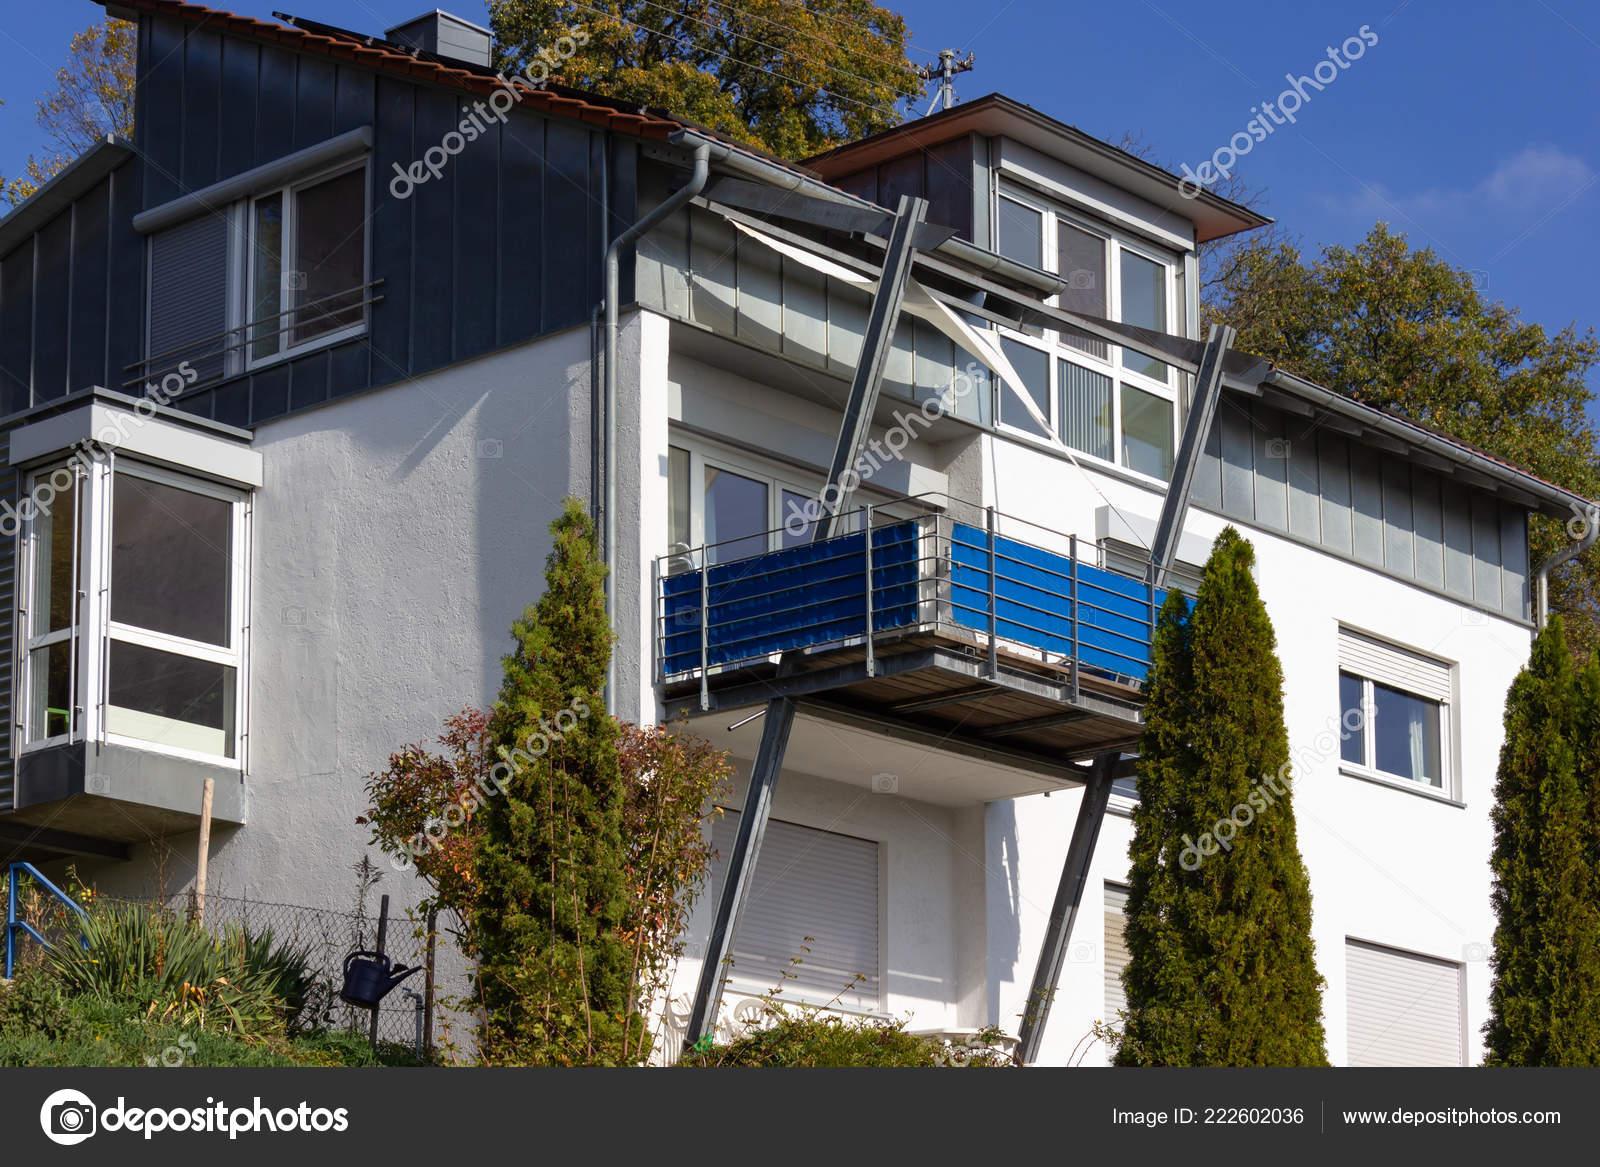 Fachadas casas modernas una ciudad peque a alemania del for Fachadas de casas modernas en la ciudad